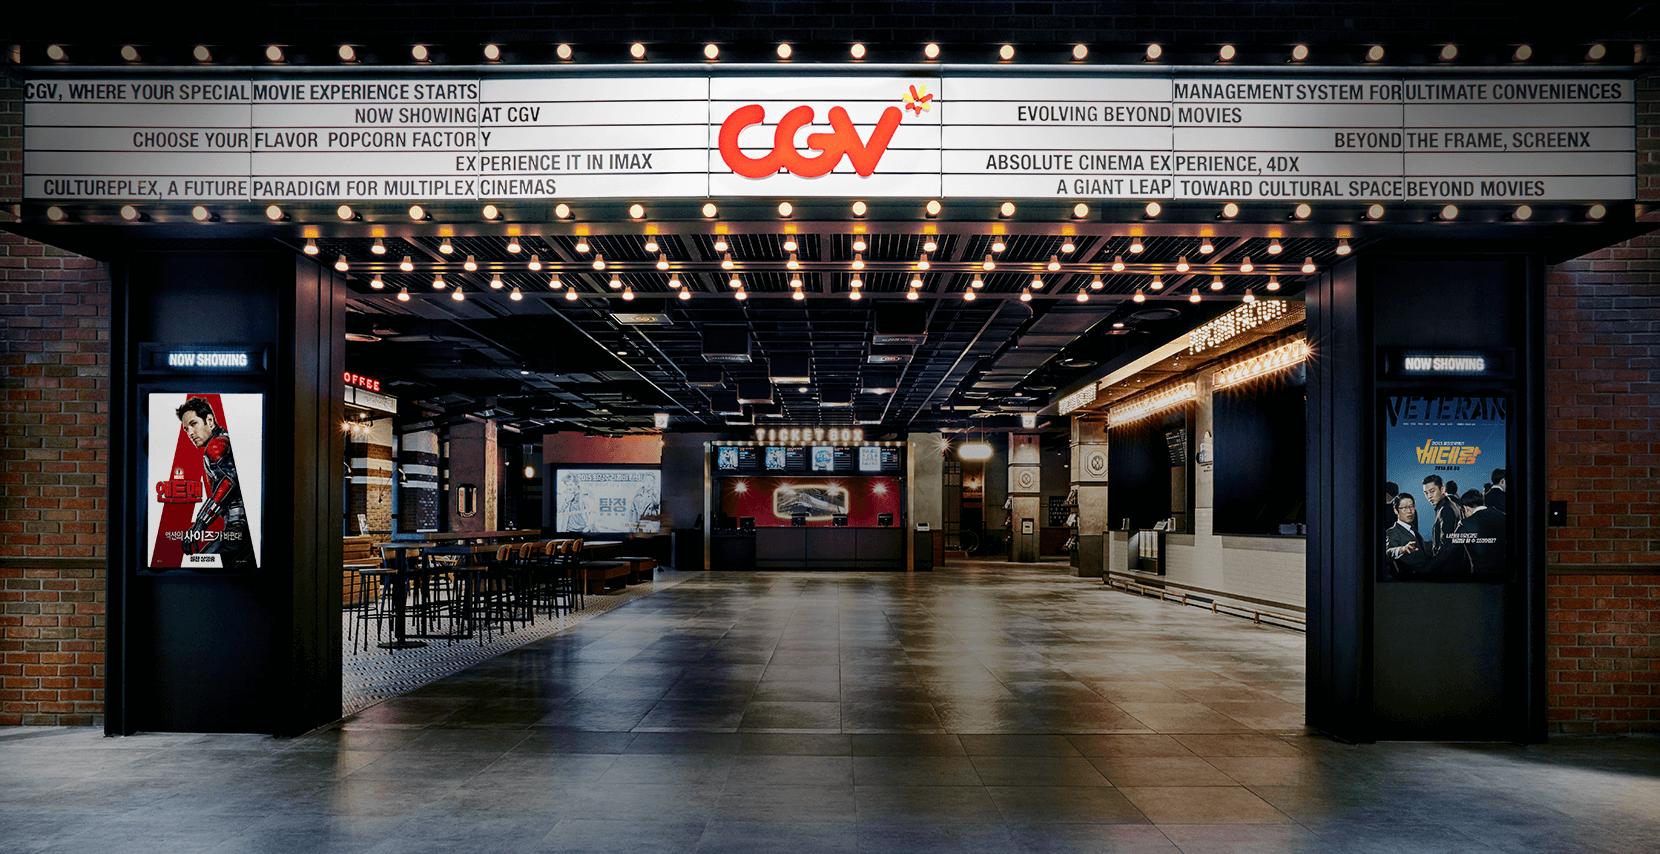 [HCM, Phú Yên] CGV Cinemas Tuyển Dụng Nhân Viên Part-time 2017